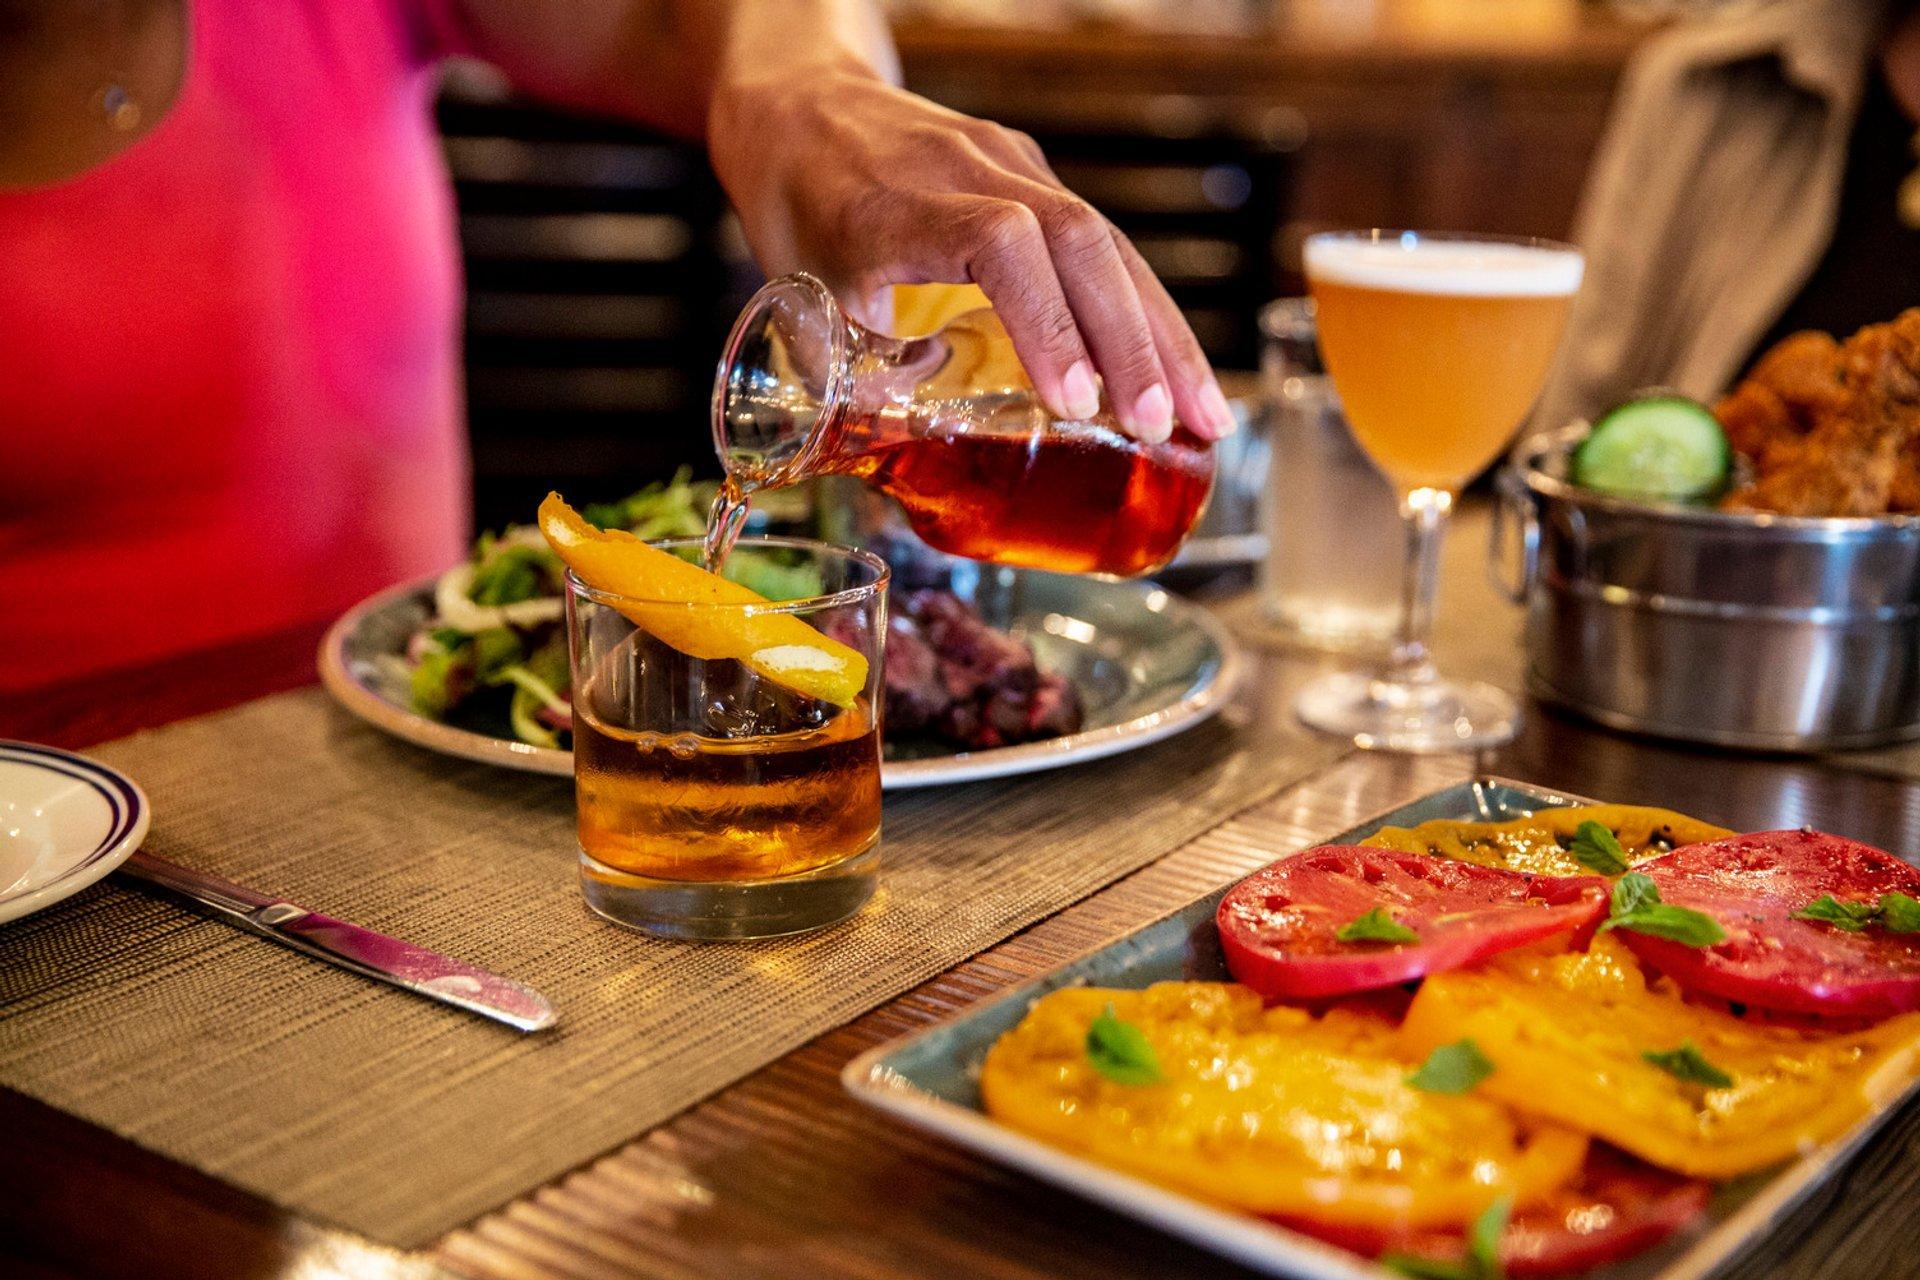 KC Restaurant Week in Midwest - Best Season 2020